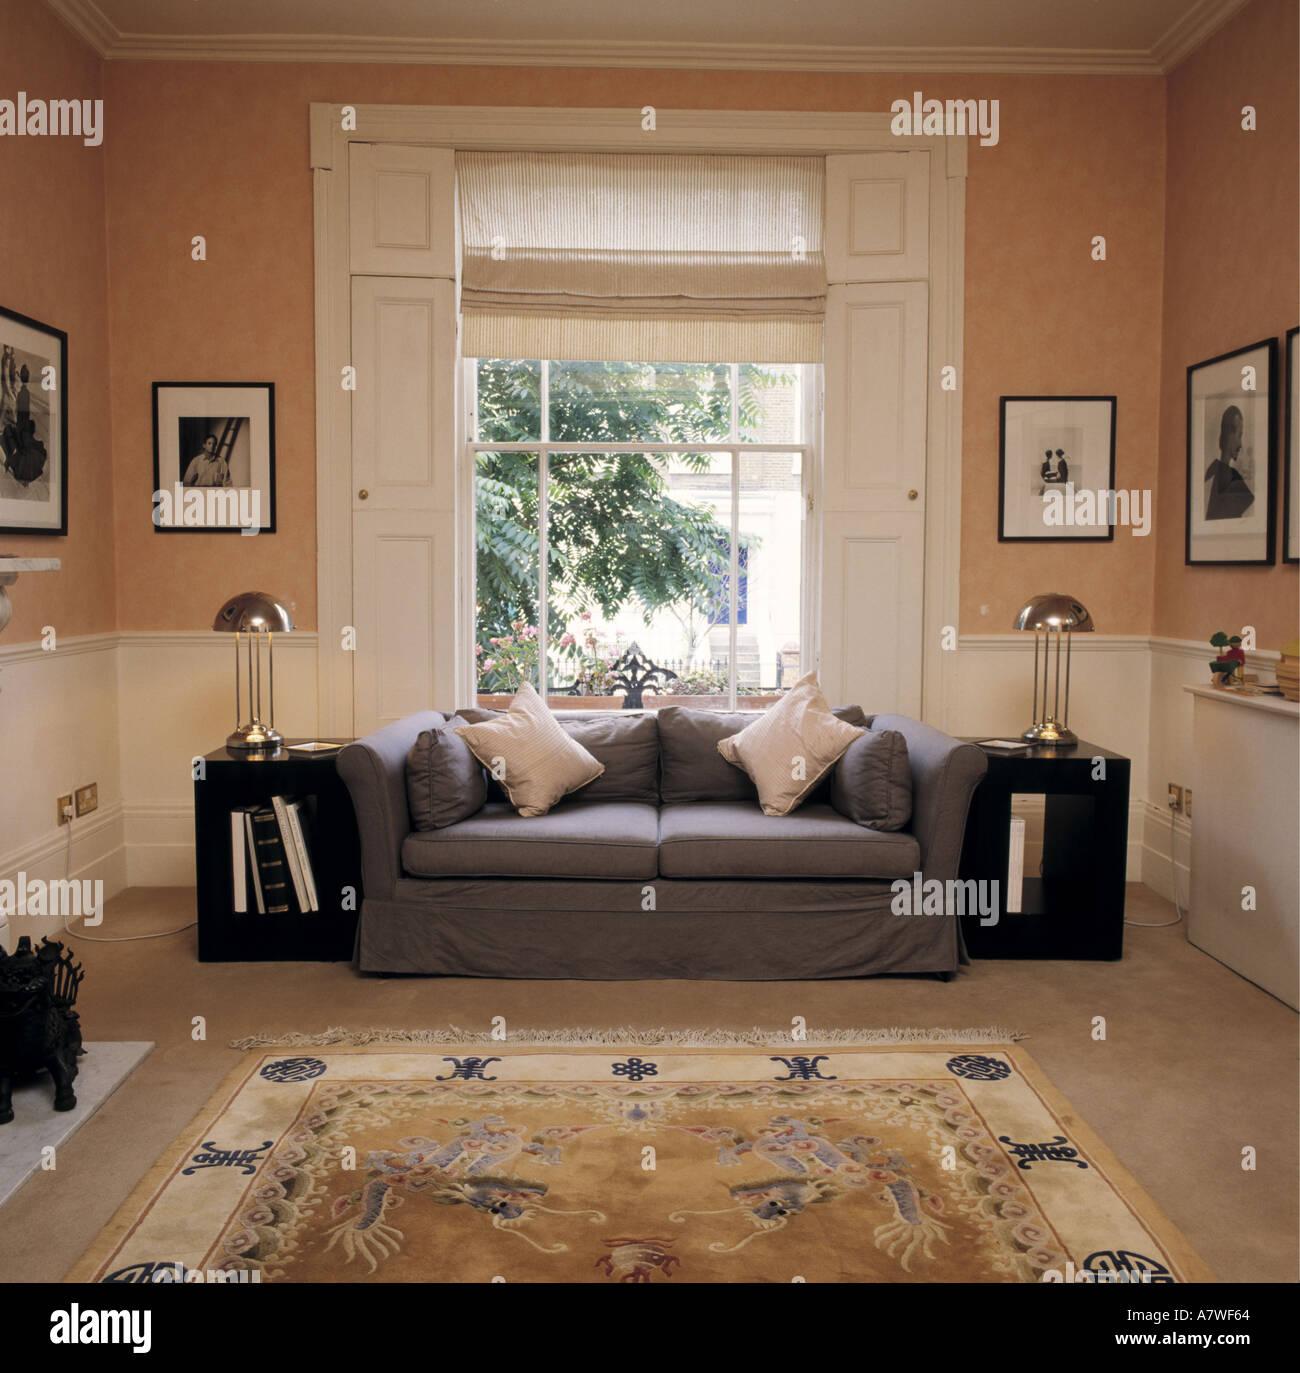 grauen sofa vor fenster mit wei en fensterl den und blind in pfirsich stadthaus wohnzimmer mit. Black Bedroom Furniture Sets. Home Design Ideas